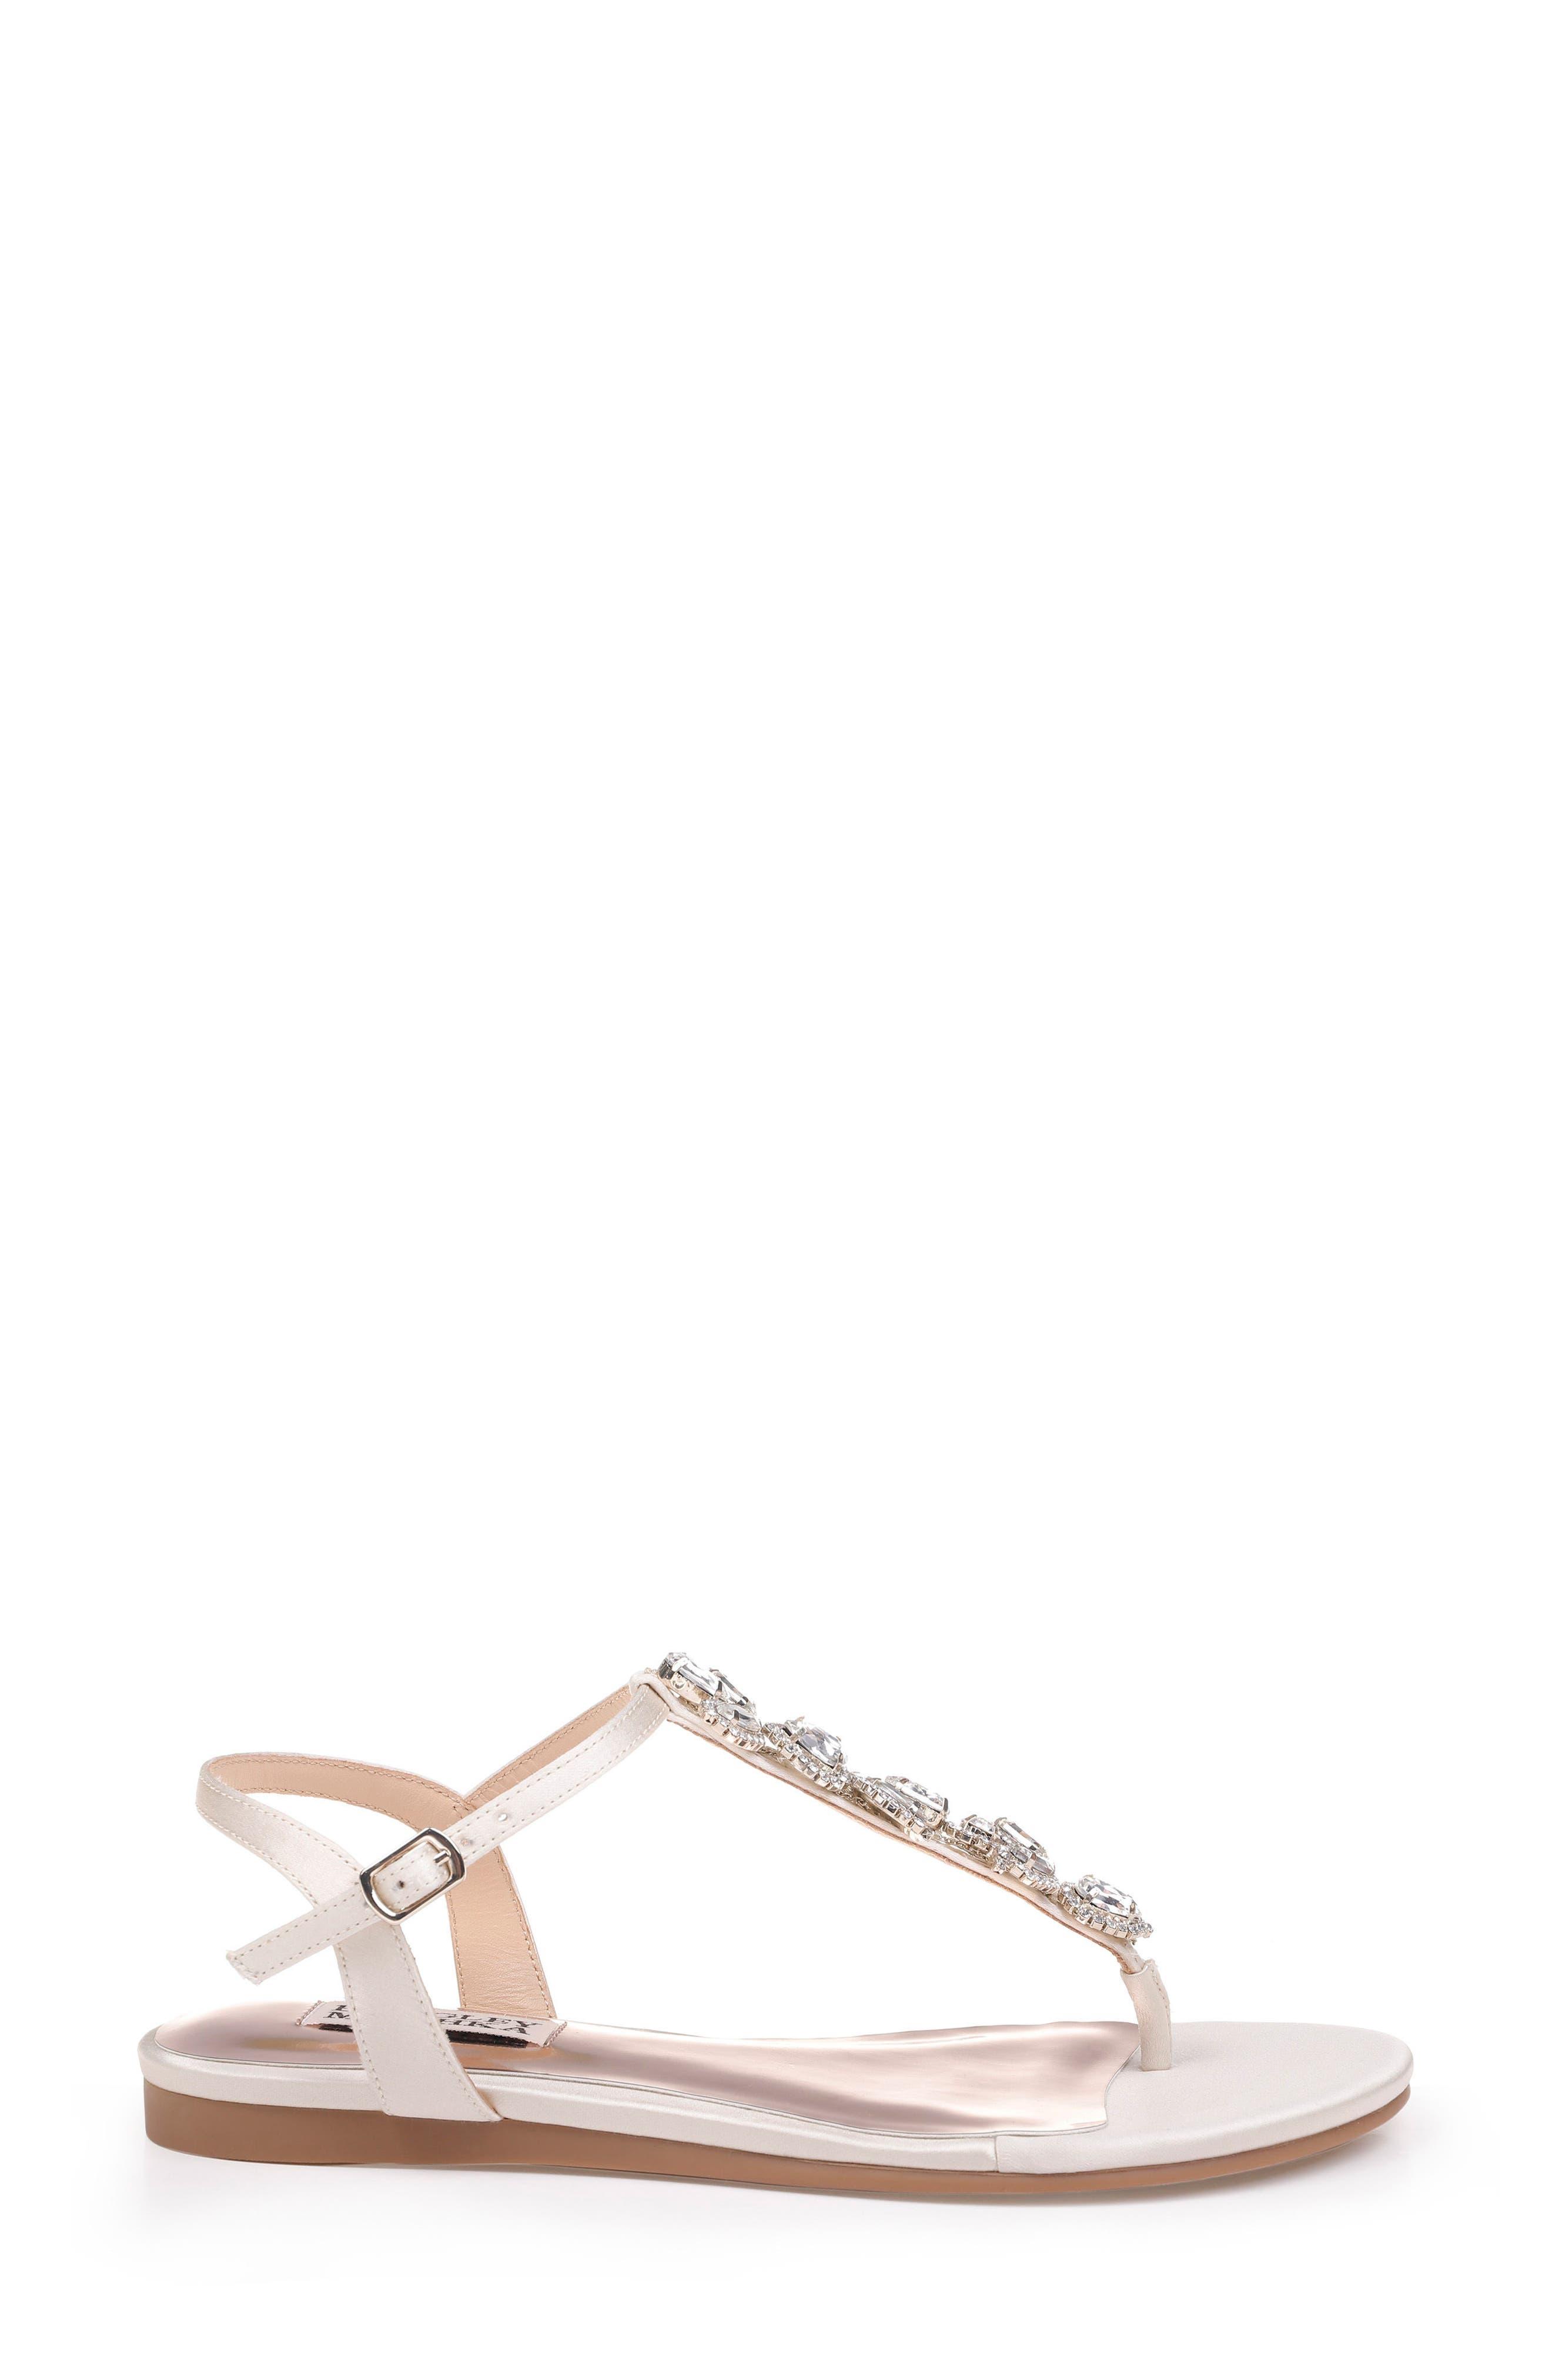 Sissi Crystal Embellished Sandal,                             Alternate thumbnail 3, color,                             Ivory Satin